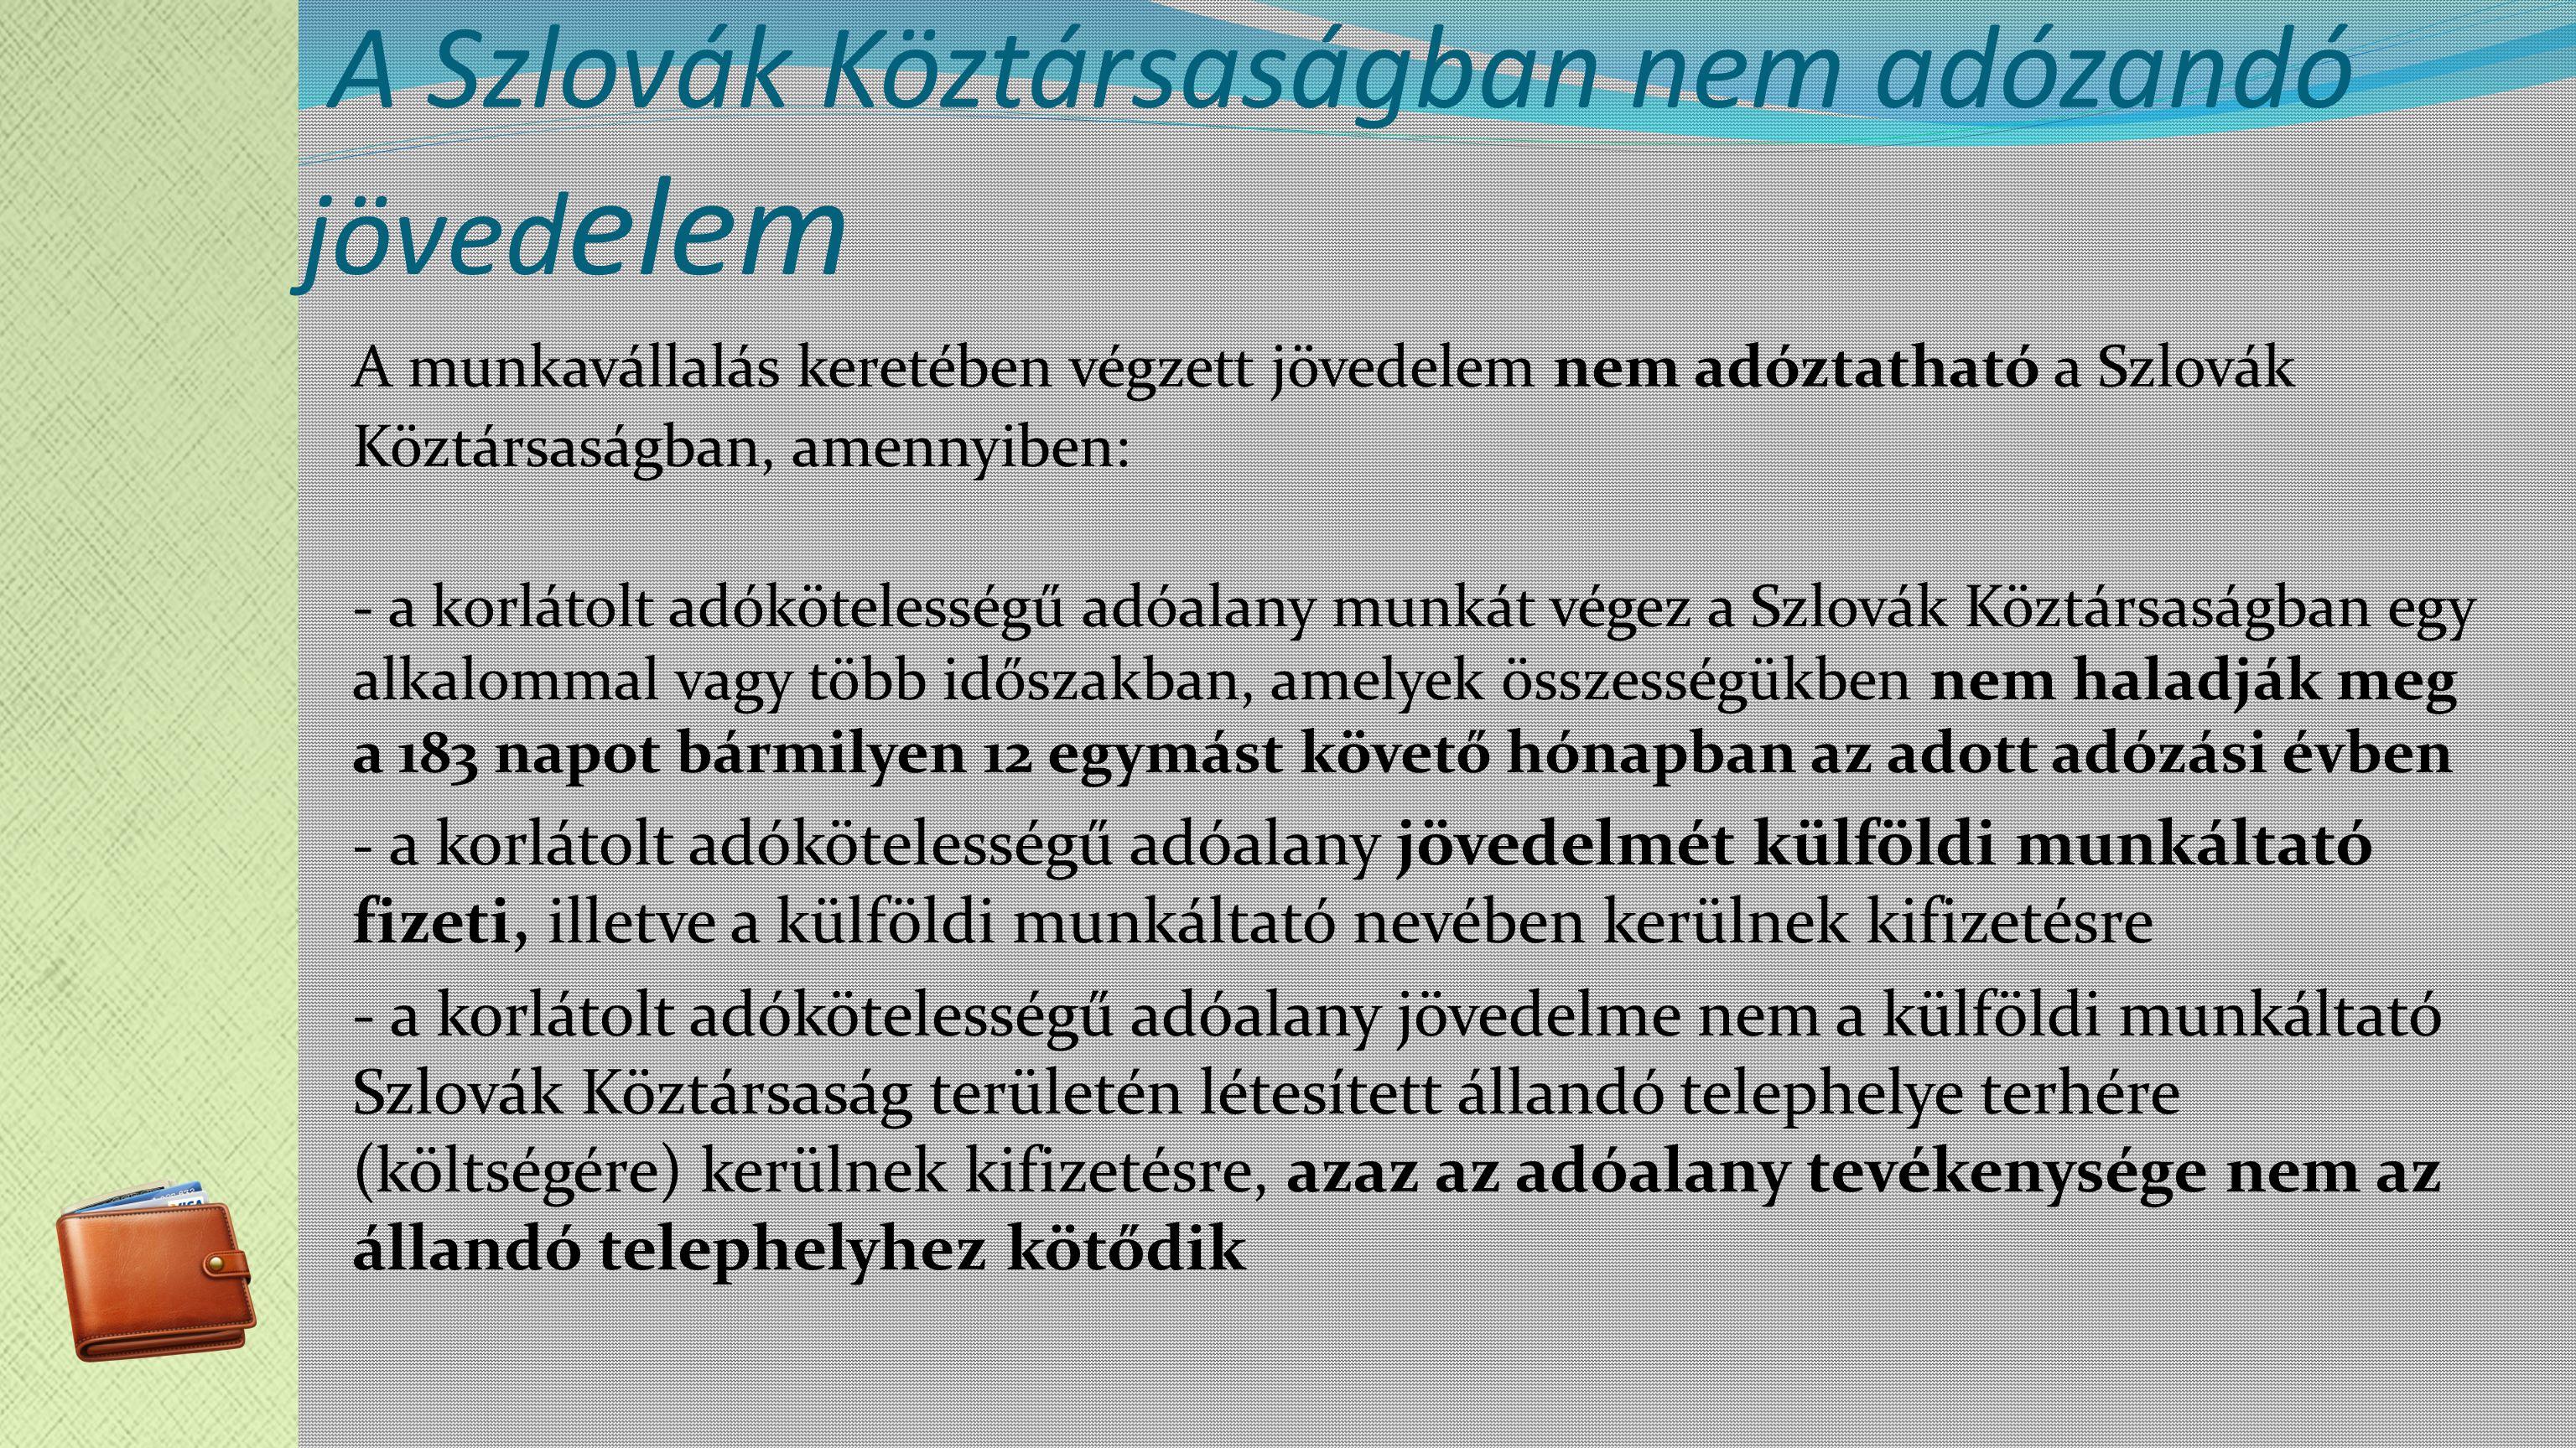 A Szlovák Köztársaságban nem adózandó jöved elem A munkavállalás keretében végzett jövedelem nem adóztatható a Szlovák Köztársaságban, amennyiben: - a korlátolt adókötelességű adóalany munkát végez a Szlovák Köztársaságban egy alkalommal vagy több időszakban, amelyek összességükben nem haladják meg a 183 napot bármilyen 12 egymást követő hónapban az adott adózási évben - a korlátolt adókötelességű adóalany jövedelmét külföldi munkáltató fizeti, illetve a külföldi munkáltató nevében kerülnek kifizetésre - a korlátolt adókötelességű adóalany jövedelme nem a külföldi munkáltató Szlovák Köztársaság területén létesített állandó telephelye terhére (költségére) kerülnek kifizetésre, azaz az adóalany tevékenysége nem az állandó telephelyhez kötődik